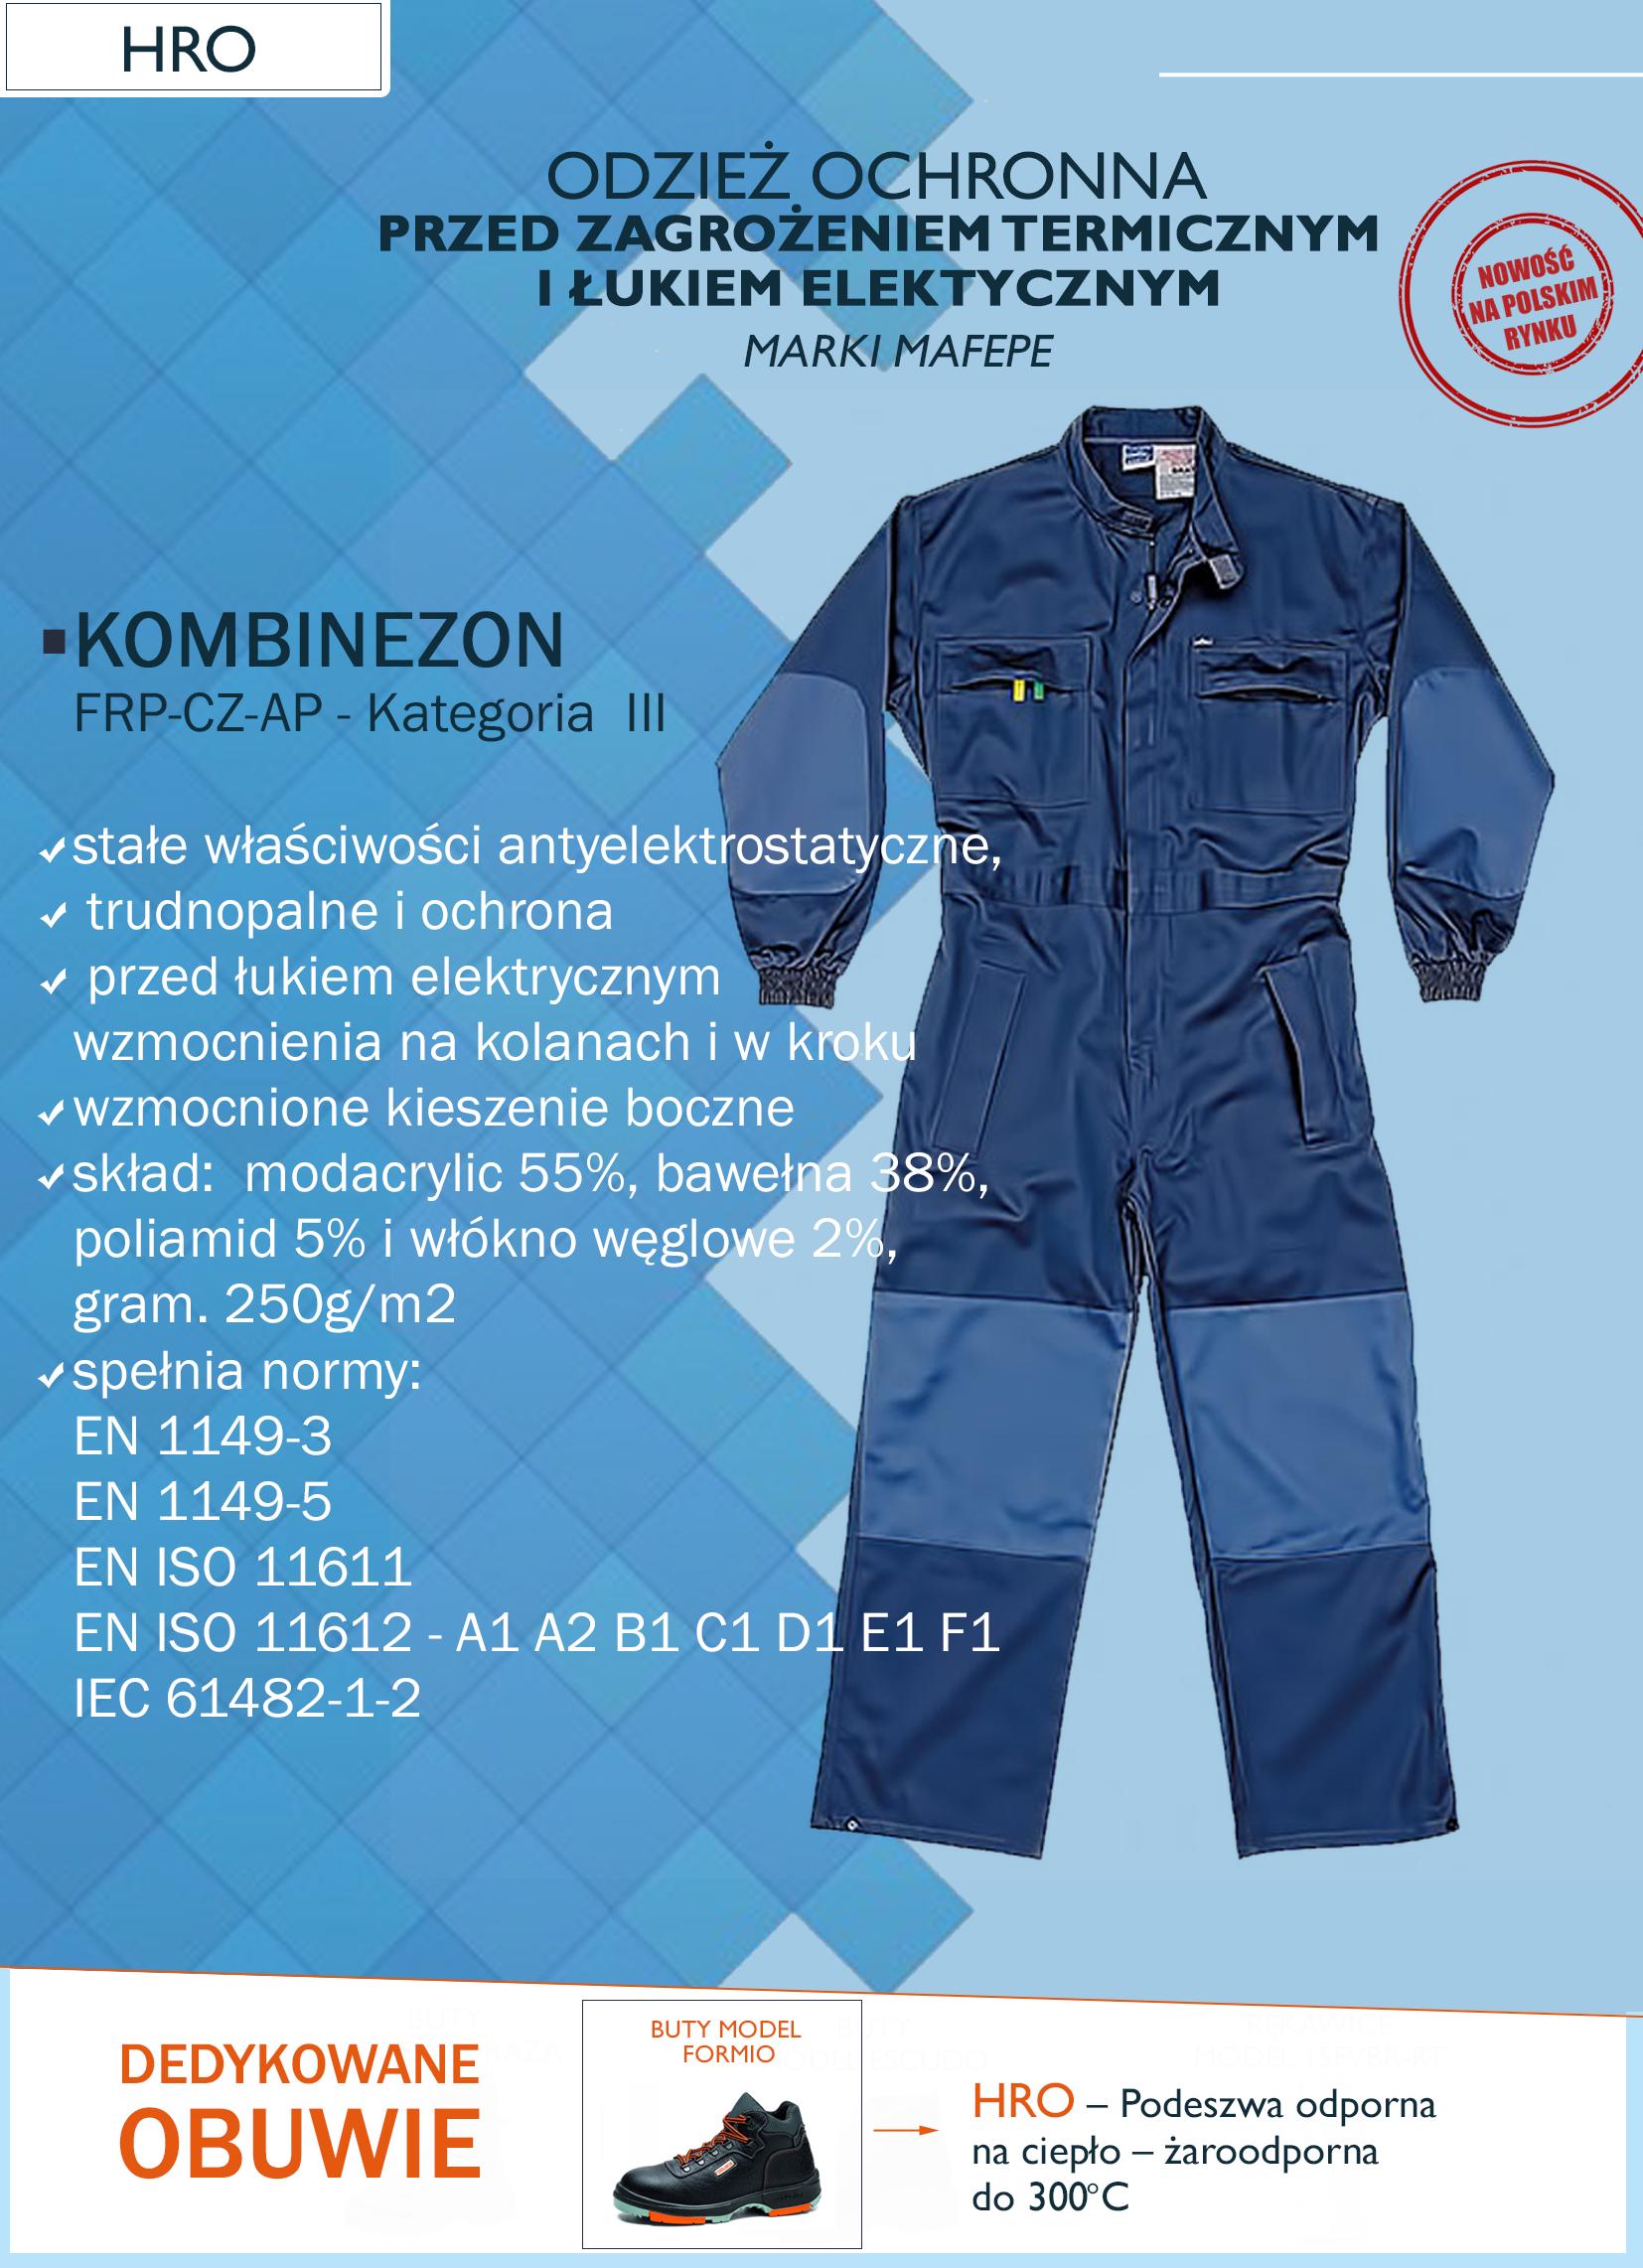 odzież ochronna przez zagrożeniem termicznym